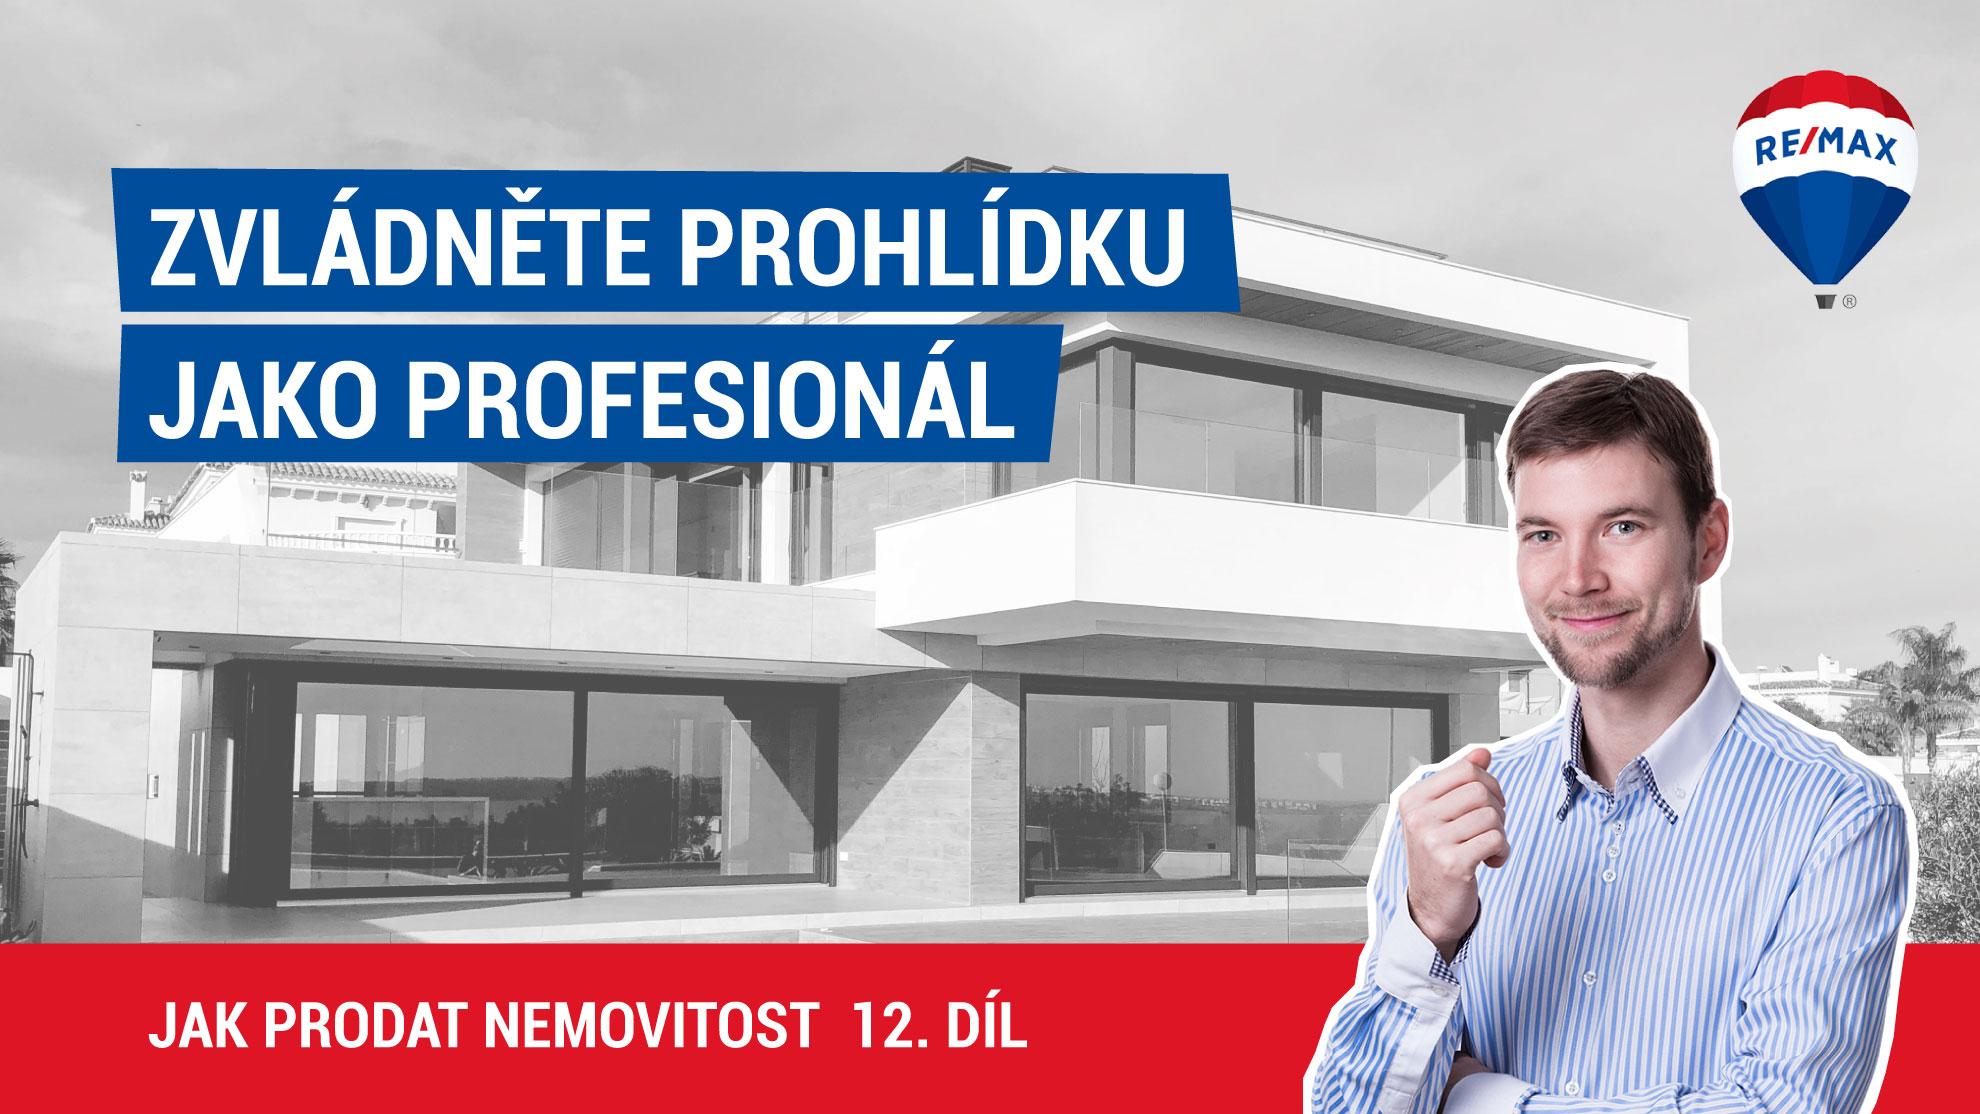 Jak prodat nemovitost 12. díl - Zvládněte prohlídku jako profesionál